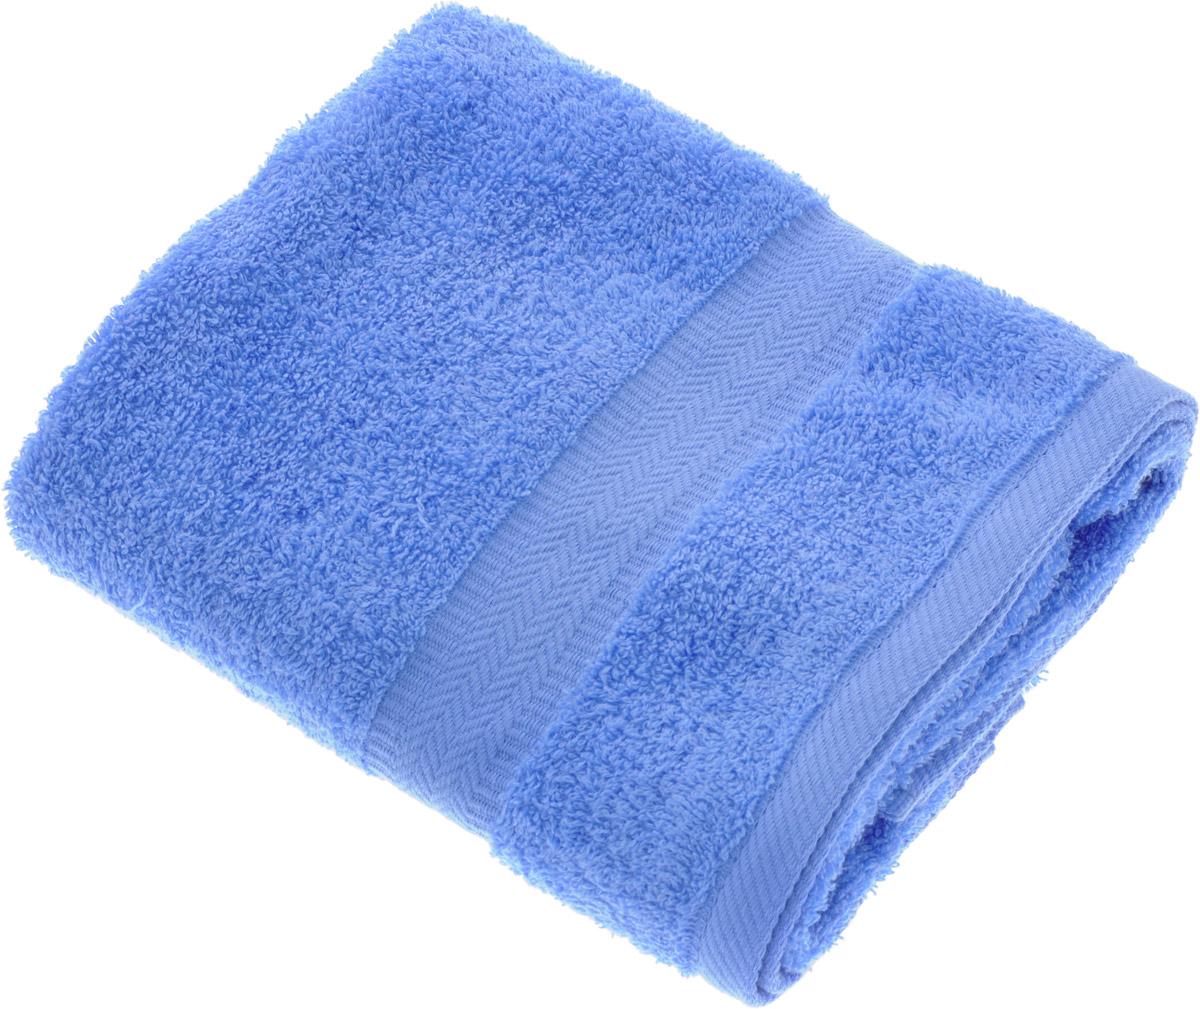 Полотенце Aquarelle Настроение, цвет: синий, 50 х 90 см. 706271391602Полотенце Aquarelle Настроение выполнено из 100% хлопка. Изделие отлично впитывает влагу, быстро сохнет, сохраняет яркость цвета и не теряет форму даже после многократных стирок. Такое полотенце очень практично и неприхотливо в уходе. Оно создаст прекрасное настроение и украсит интерьер в ванной комнате.